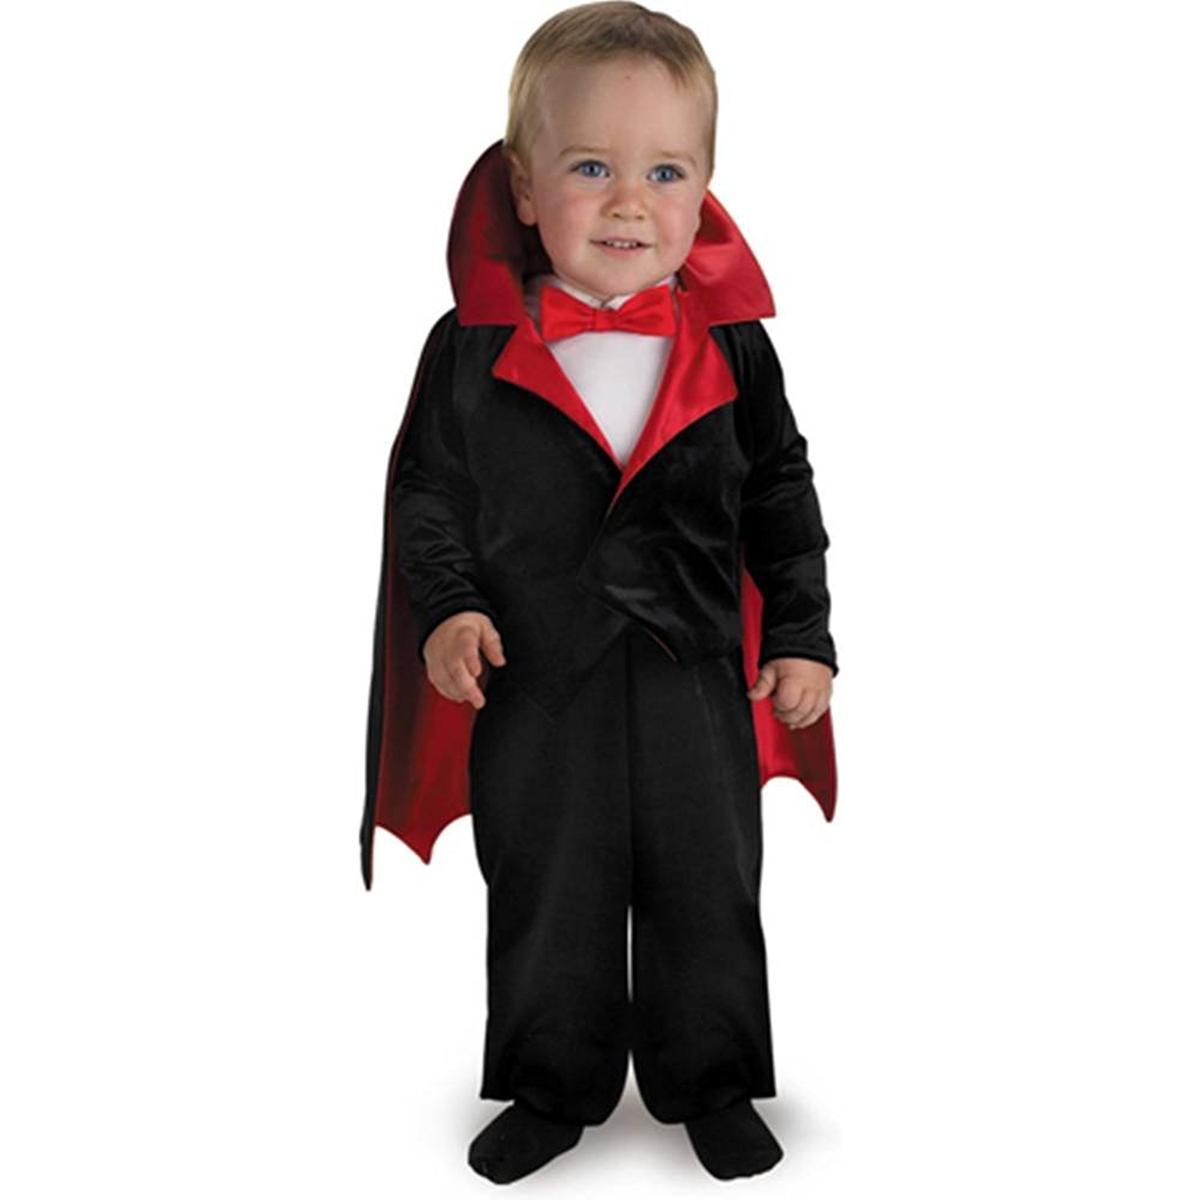 赤ちゃん コスチューム ドラキュラ 吸血鬼 ベビー コスプレ 衣装 仮装